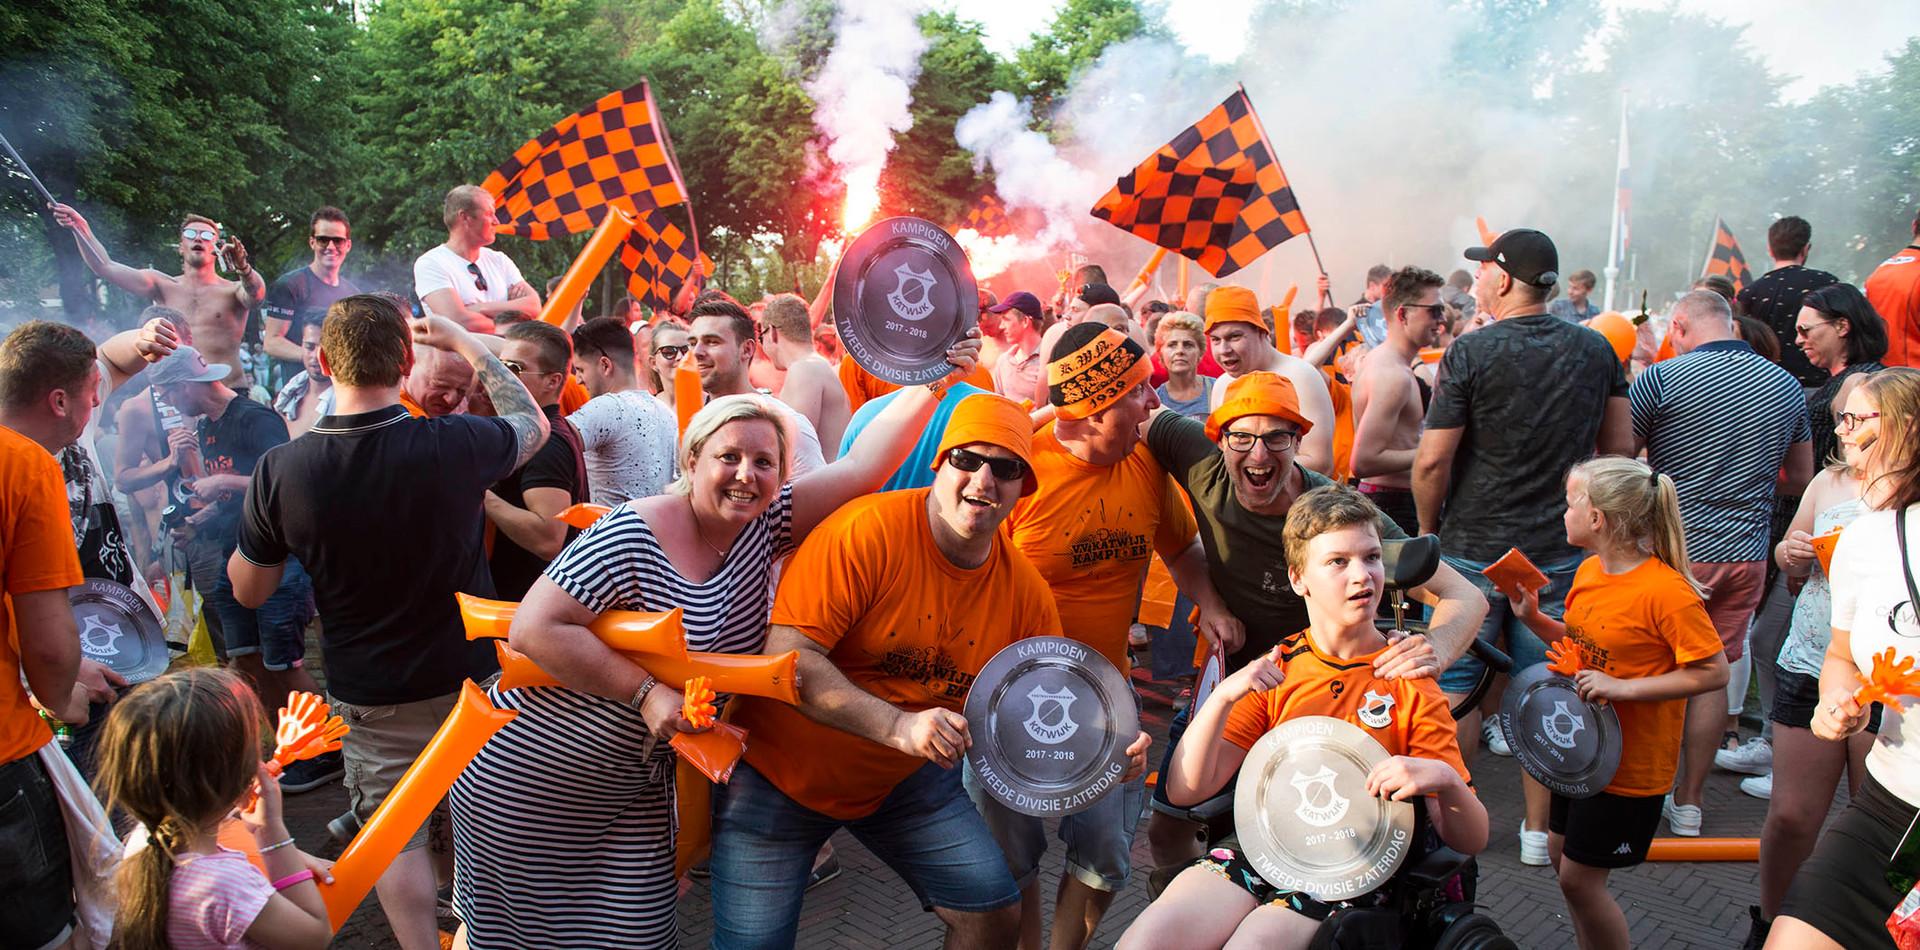 Katwijk_kampioen_DSC_0622_LR.jpg